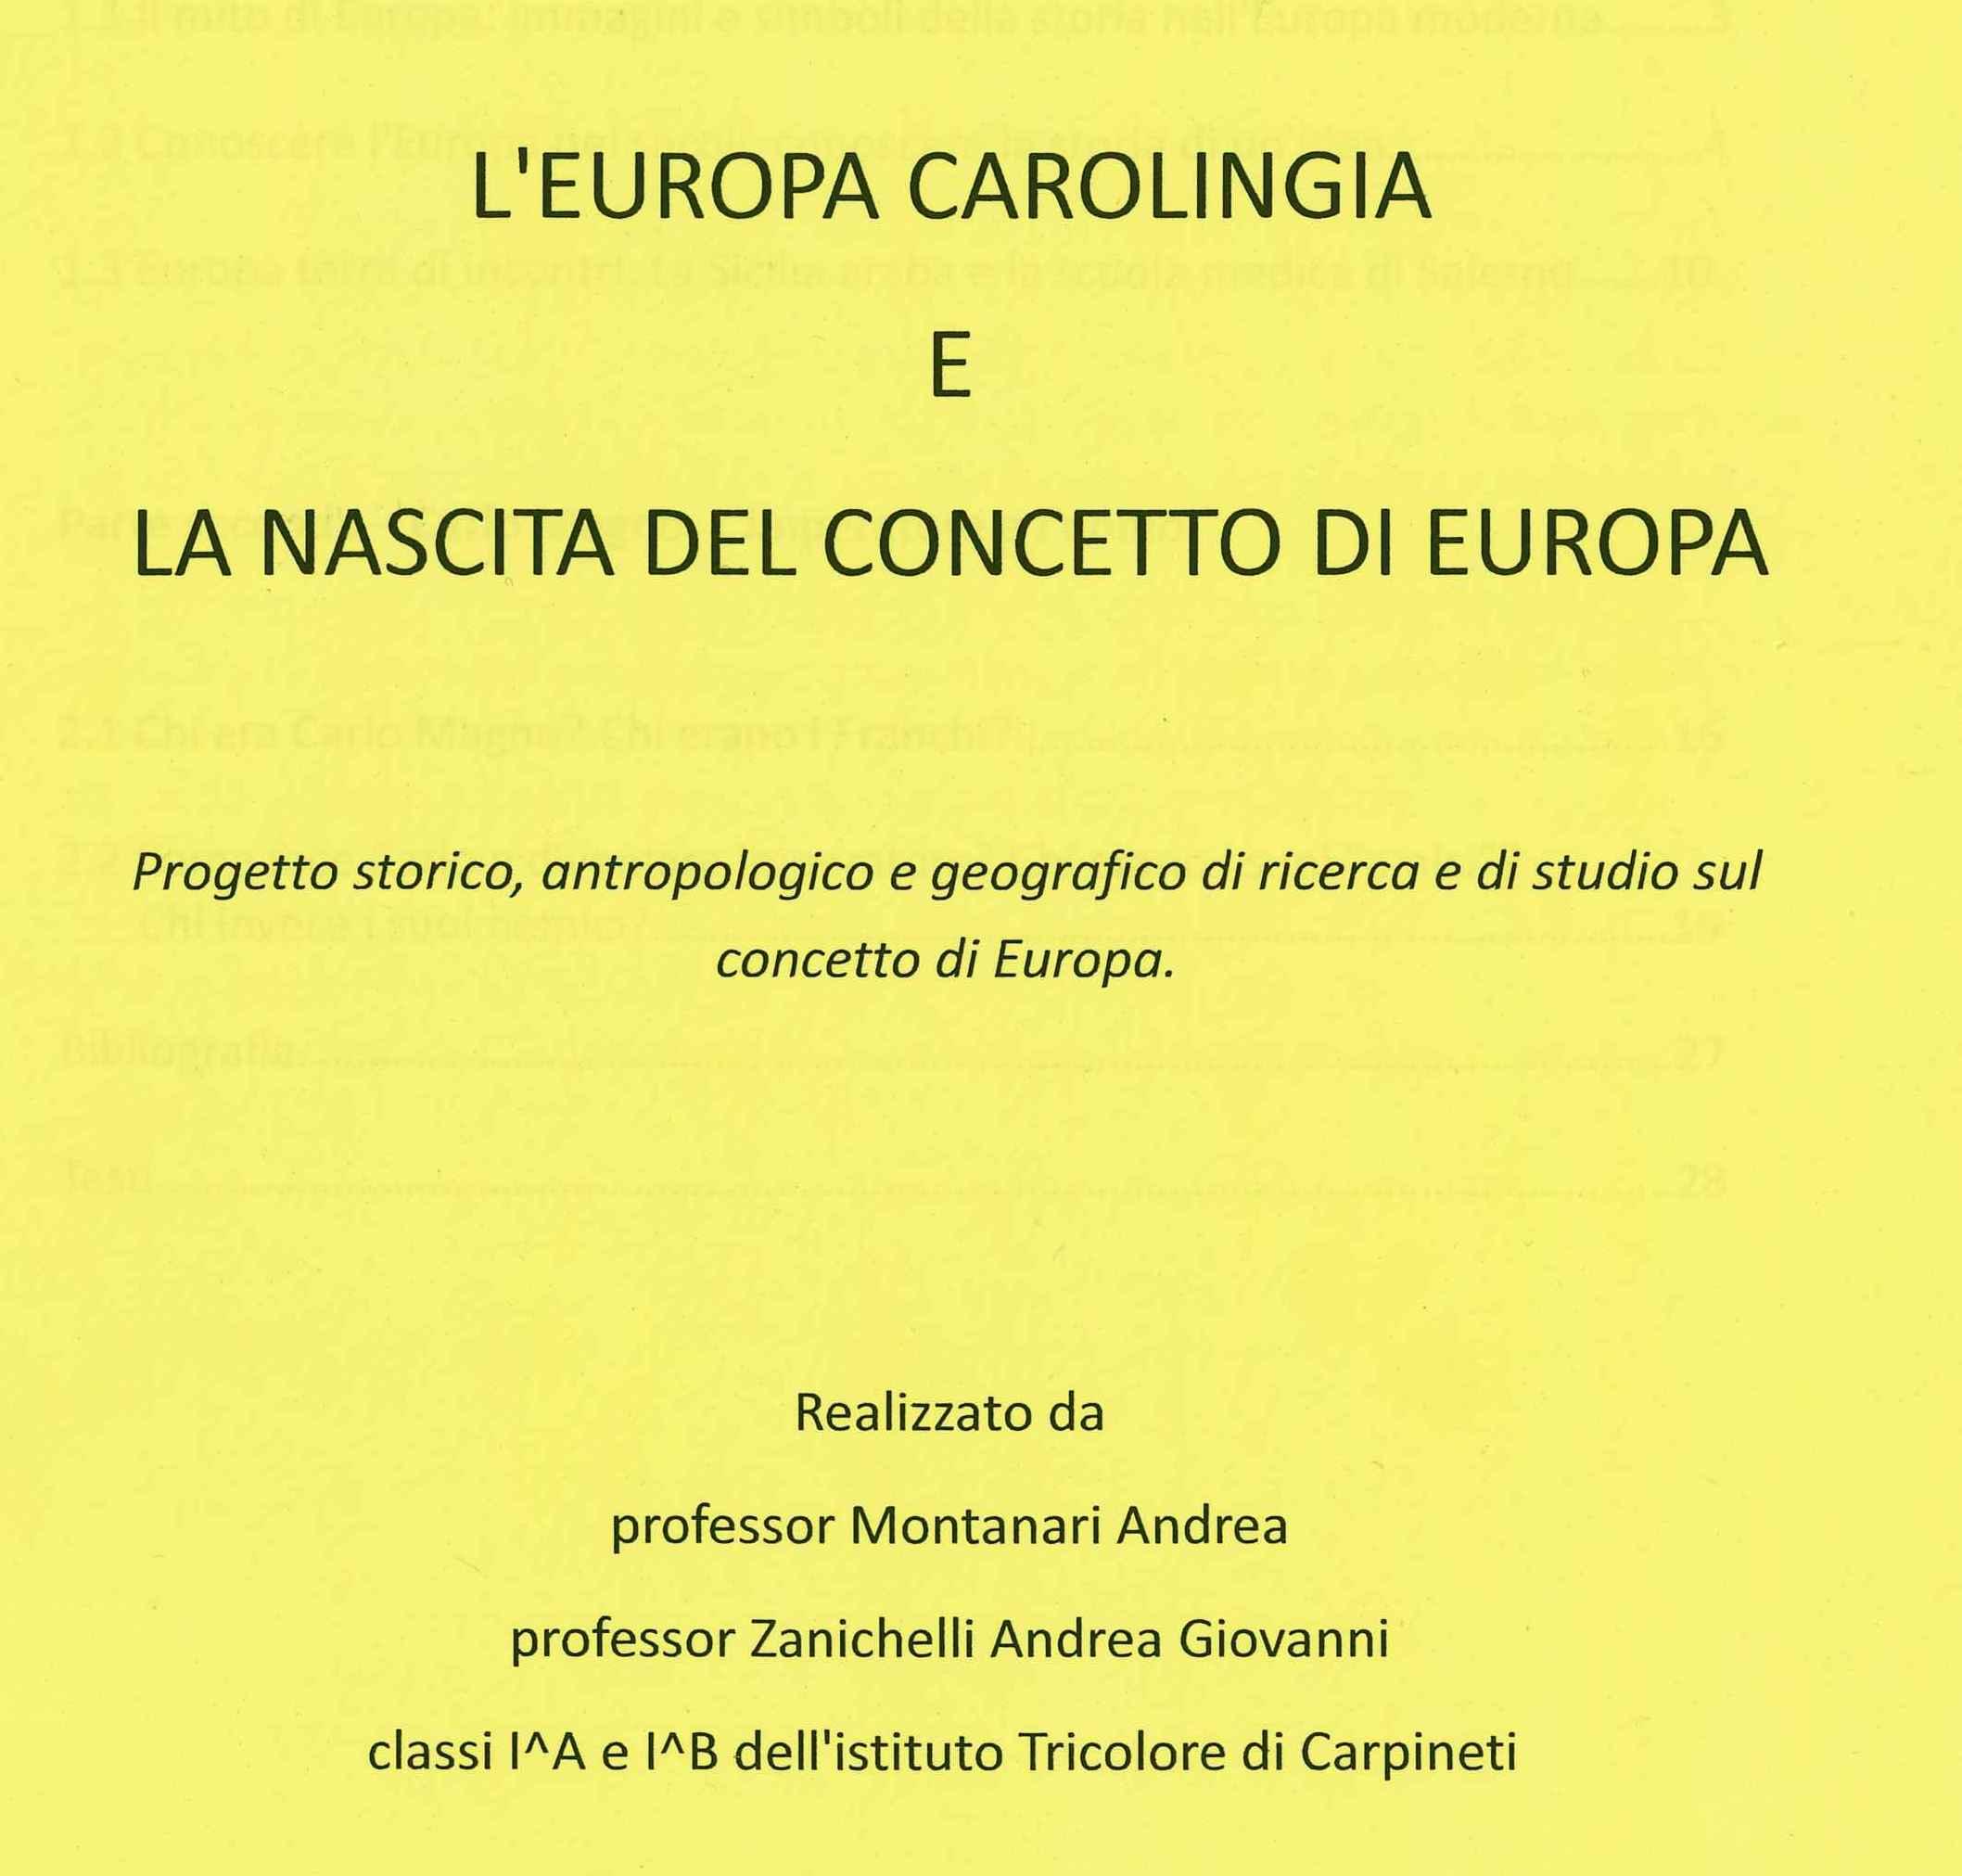 L'Europa carolingia e la nascita del concetto Europa